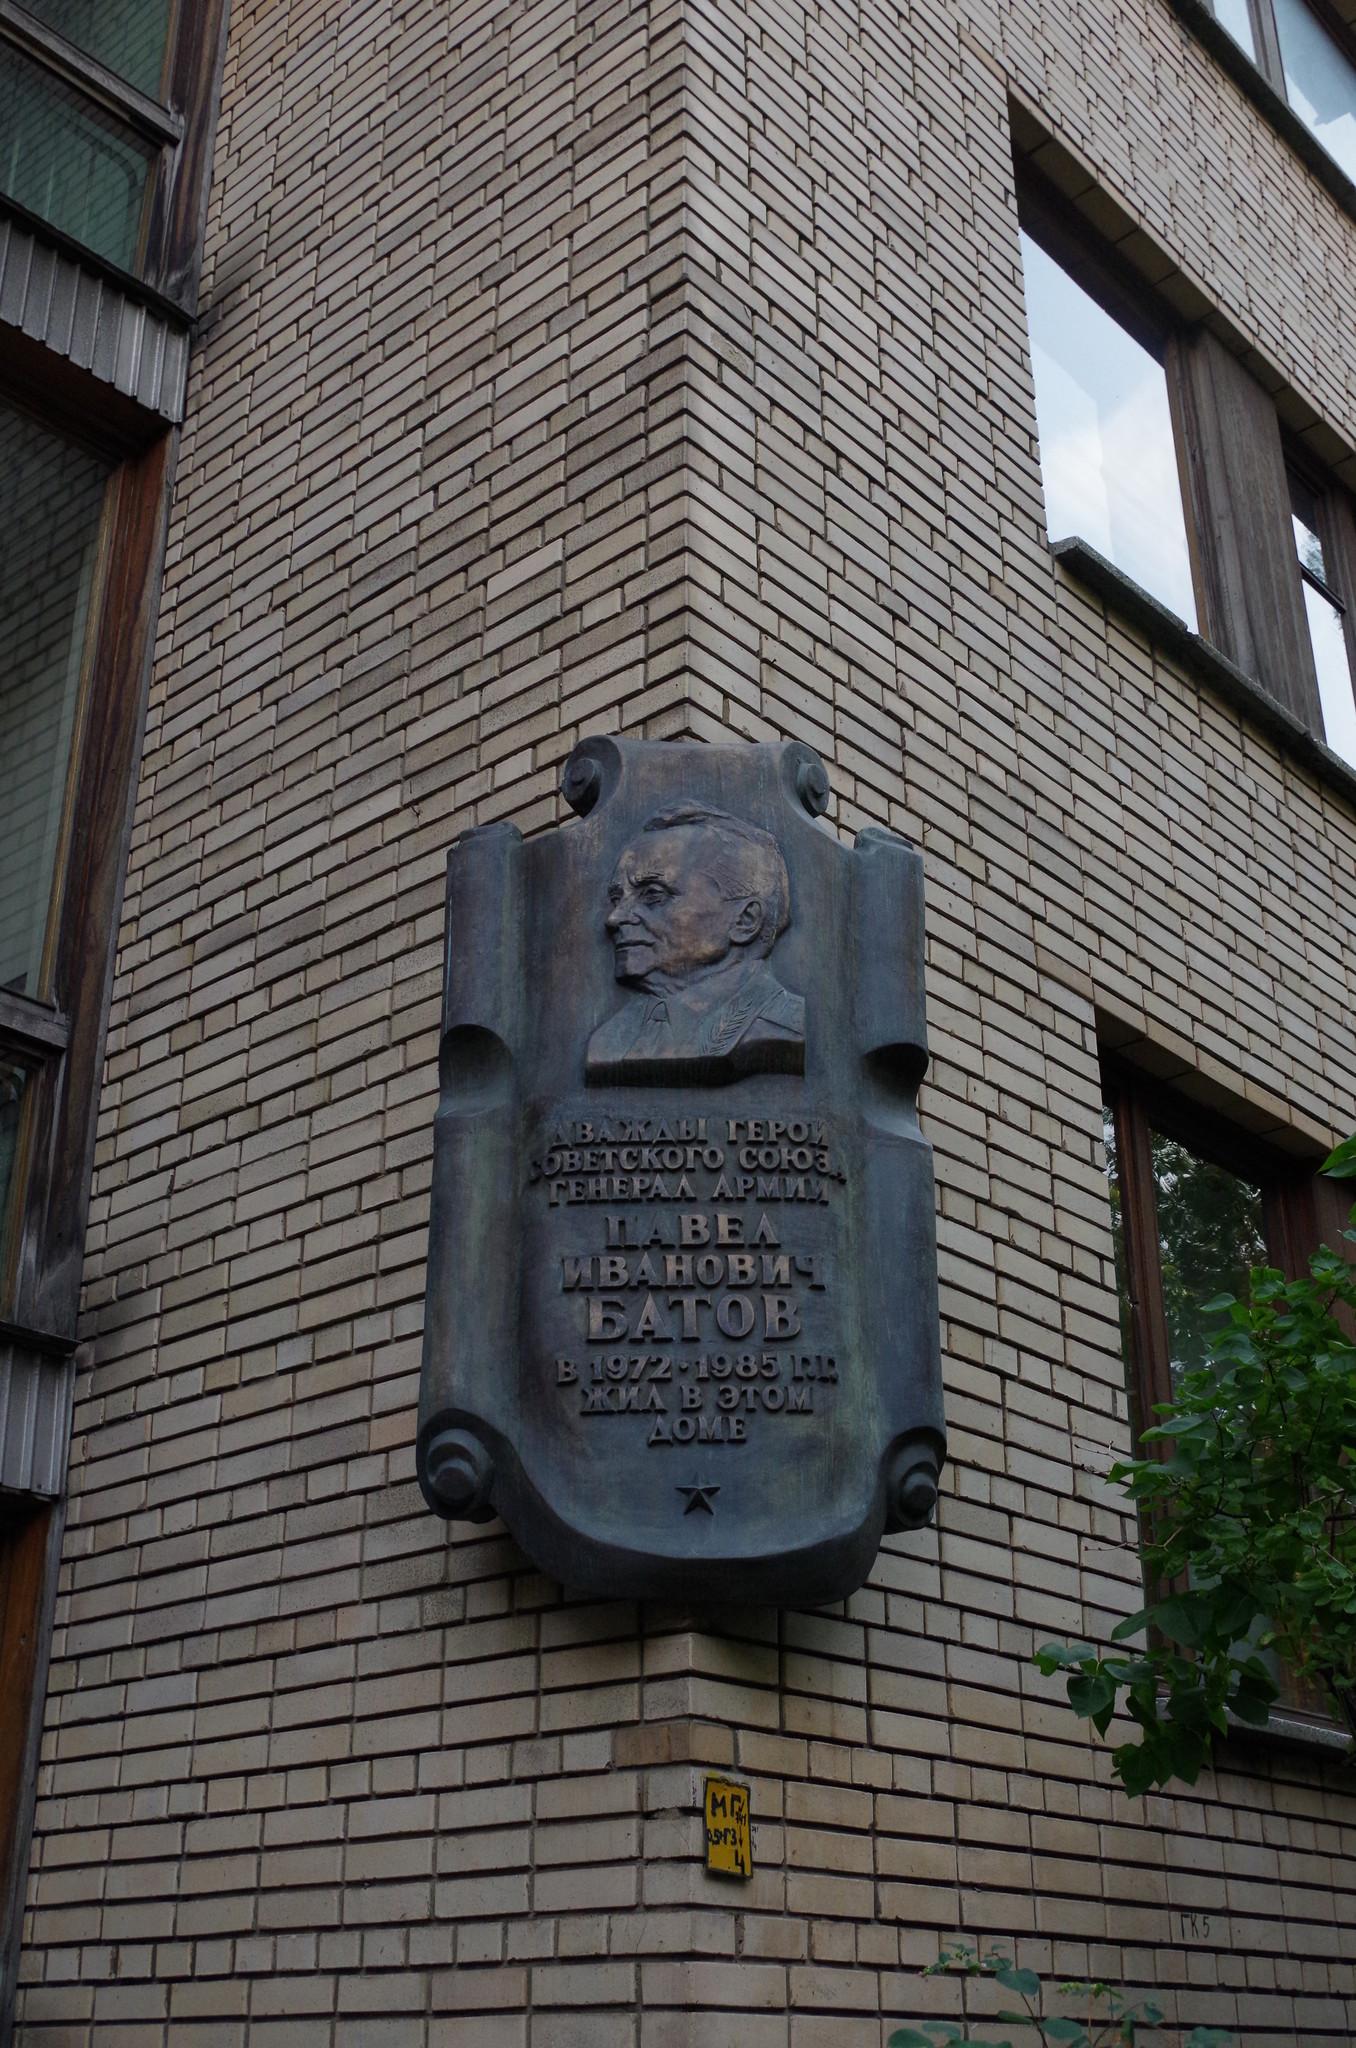 Мемориальная доска в Москве на доме № 9 по переулку Сивцев вражек